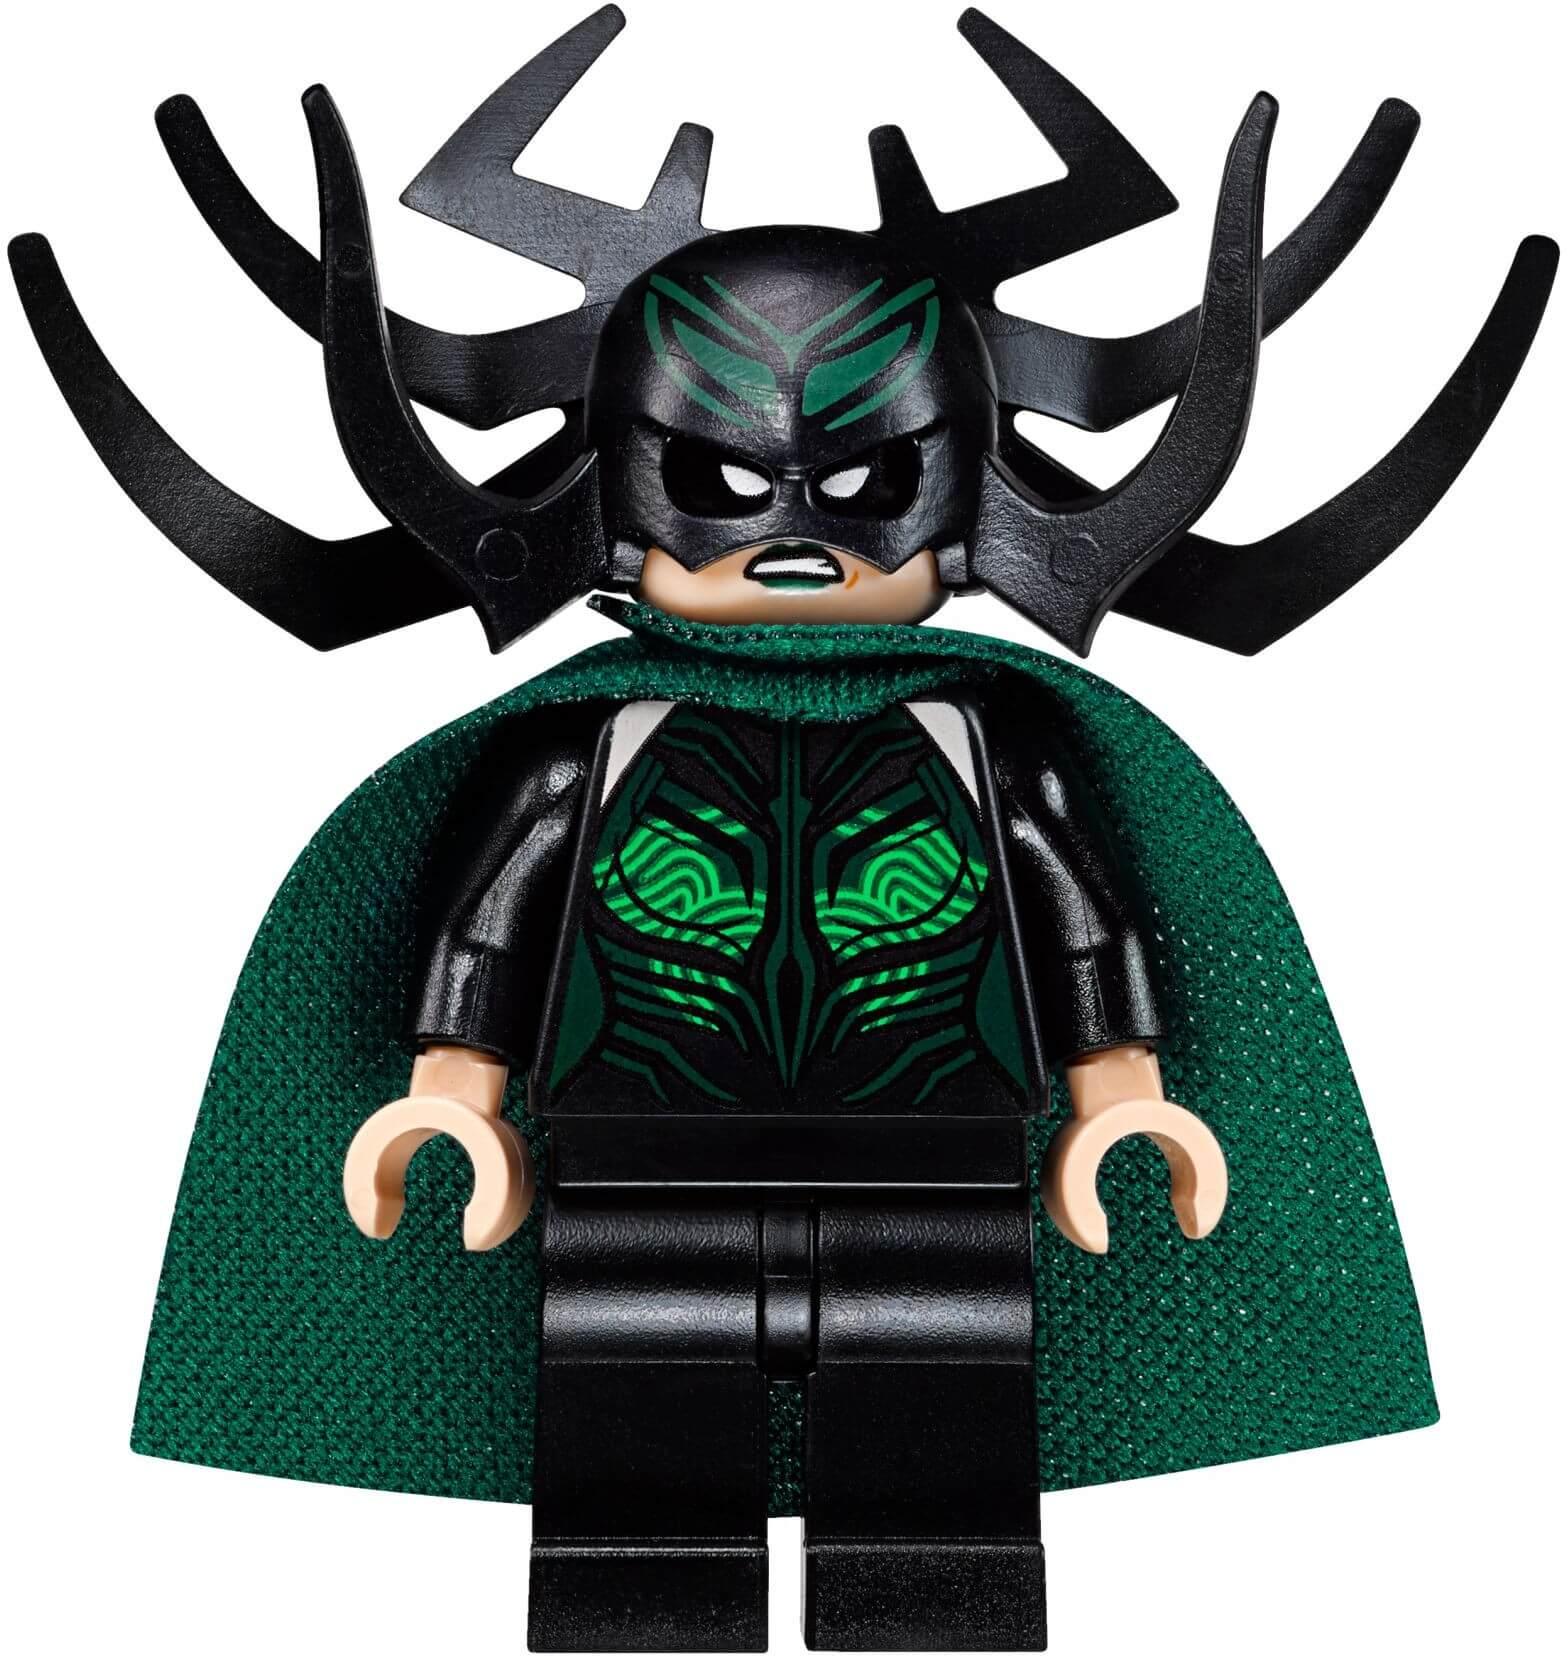 Mua đồ chơi LEGO 76084 - LEGO Marvel Super Heroes 76084 - Trận Chiến Cuối Cùng cho Asgard (LEGO Marvel Super Heroes The Ultimate Battle for Asgard)